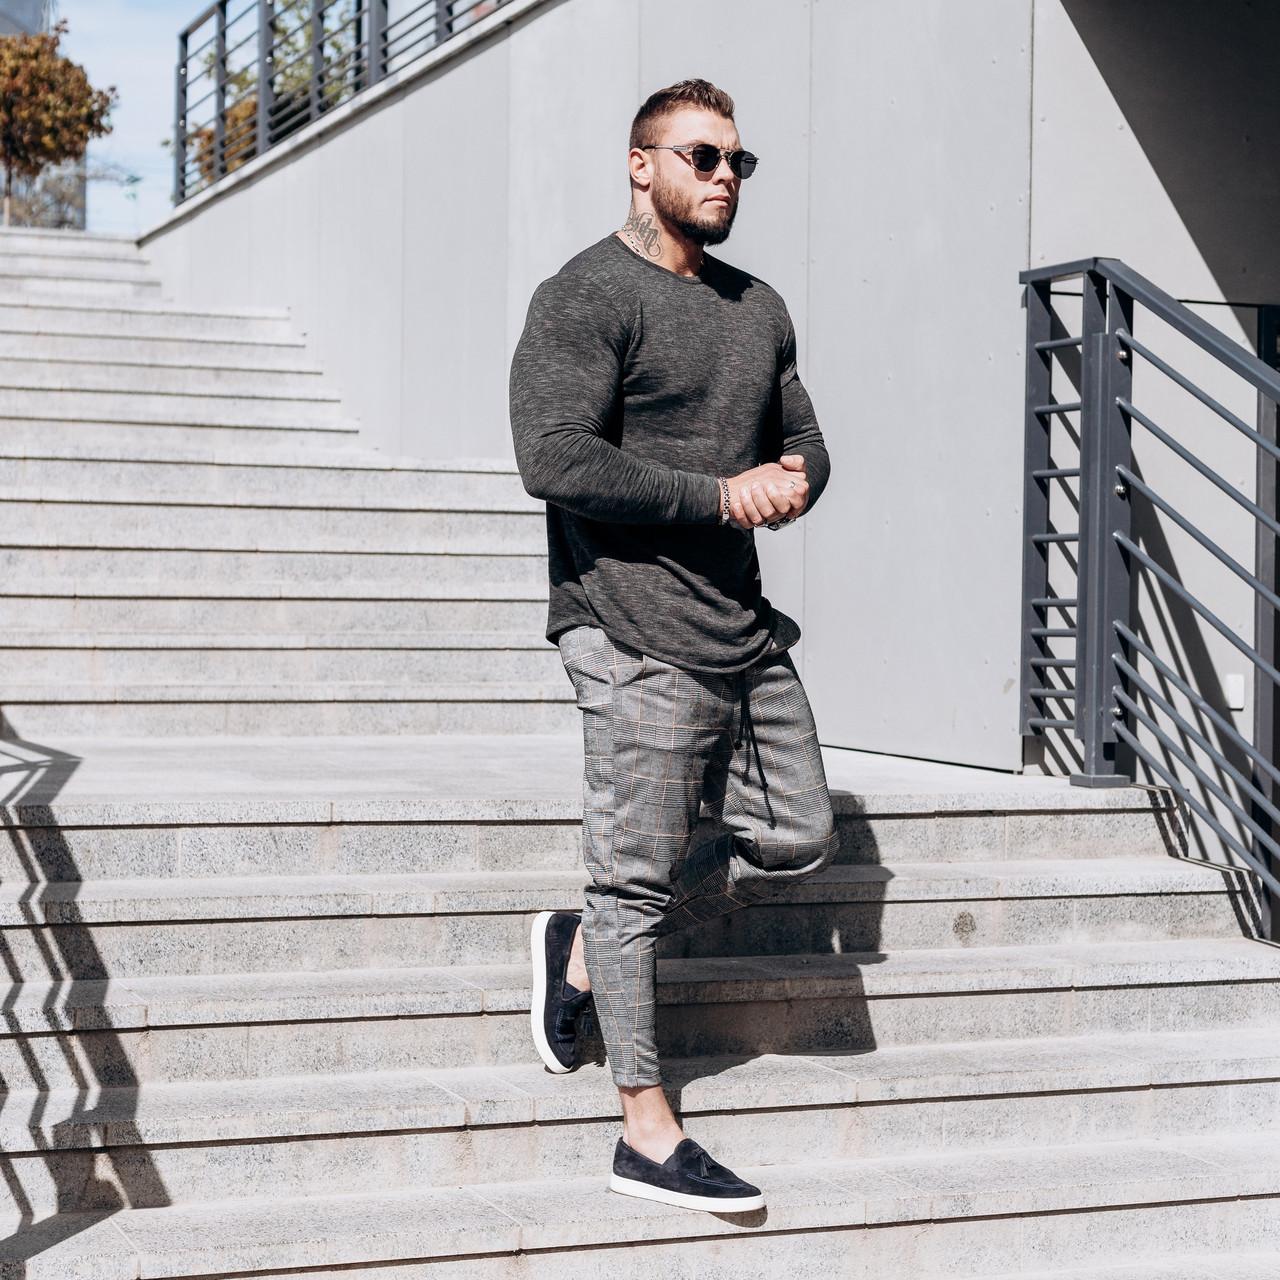 Комплект штани і лонг темно-сірий чоловічі Асос | Демісезонний ЛЮКС якості